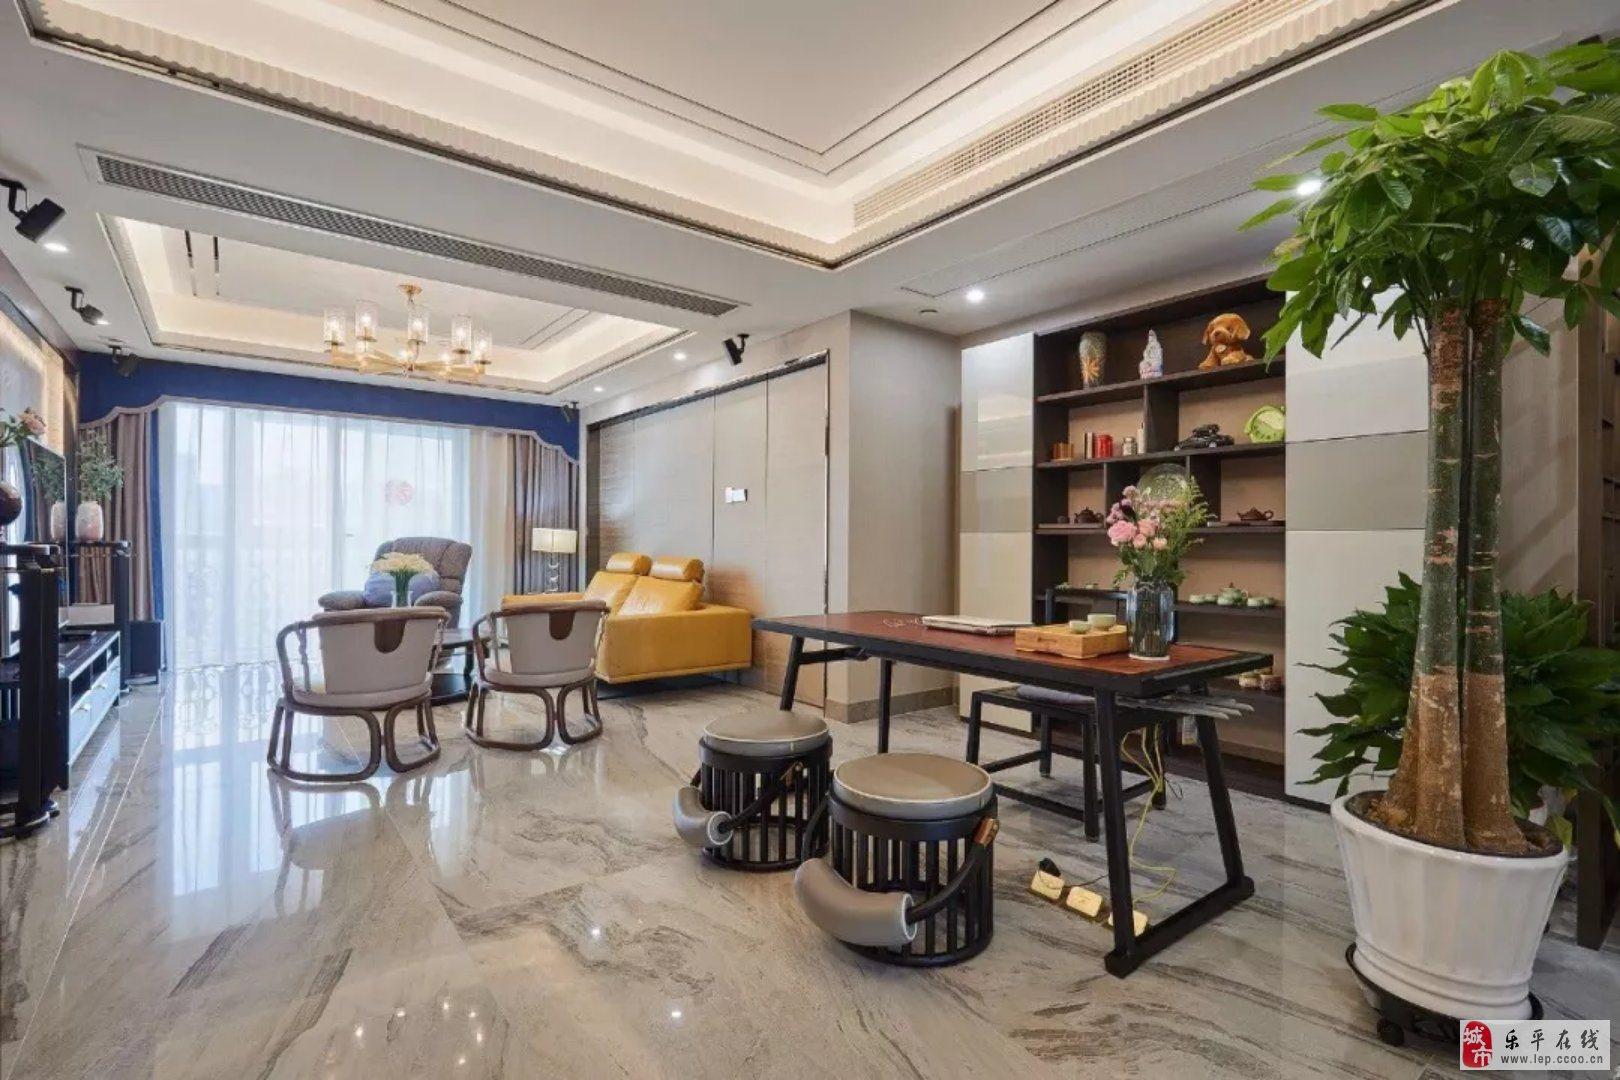 九小洪浩公园旁香樟光华苑132平3室2厅2卫83万直接改名